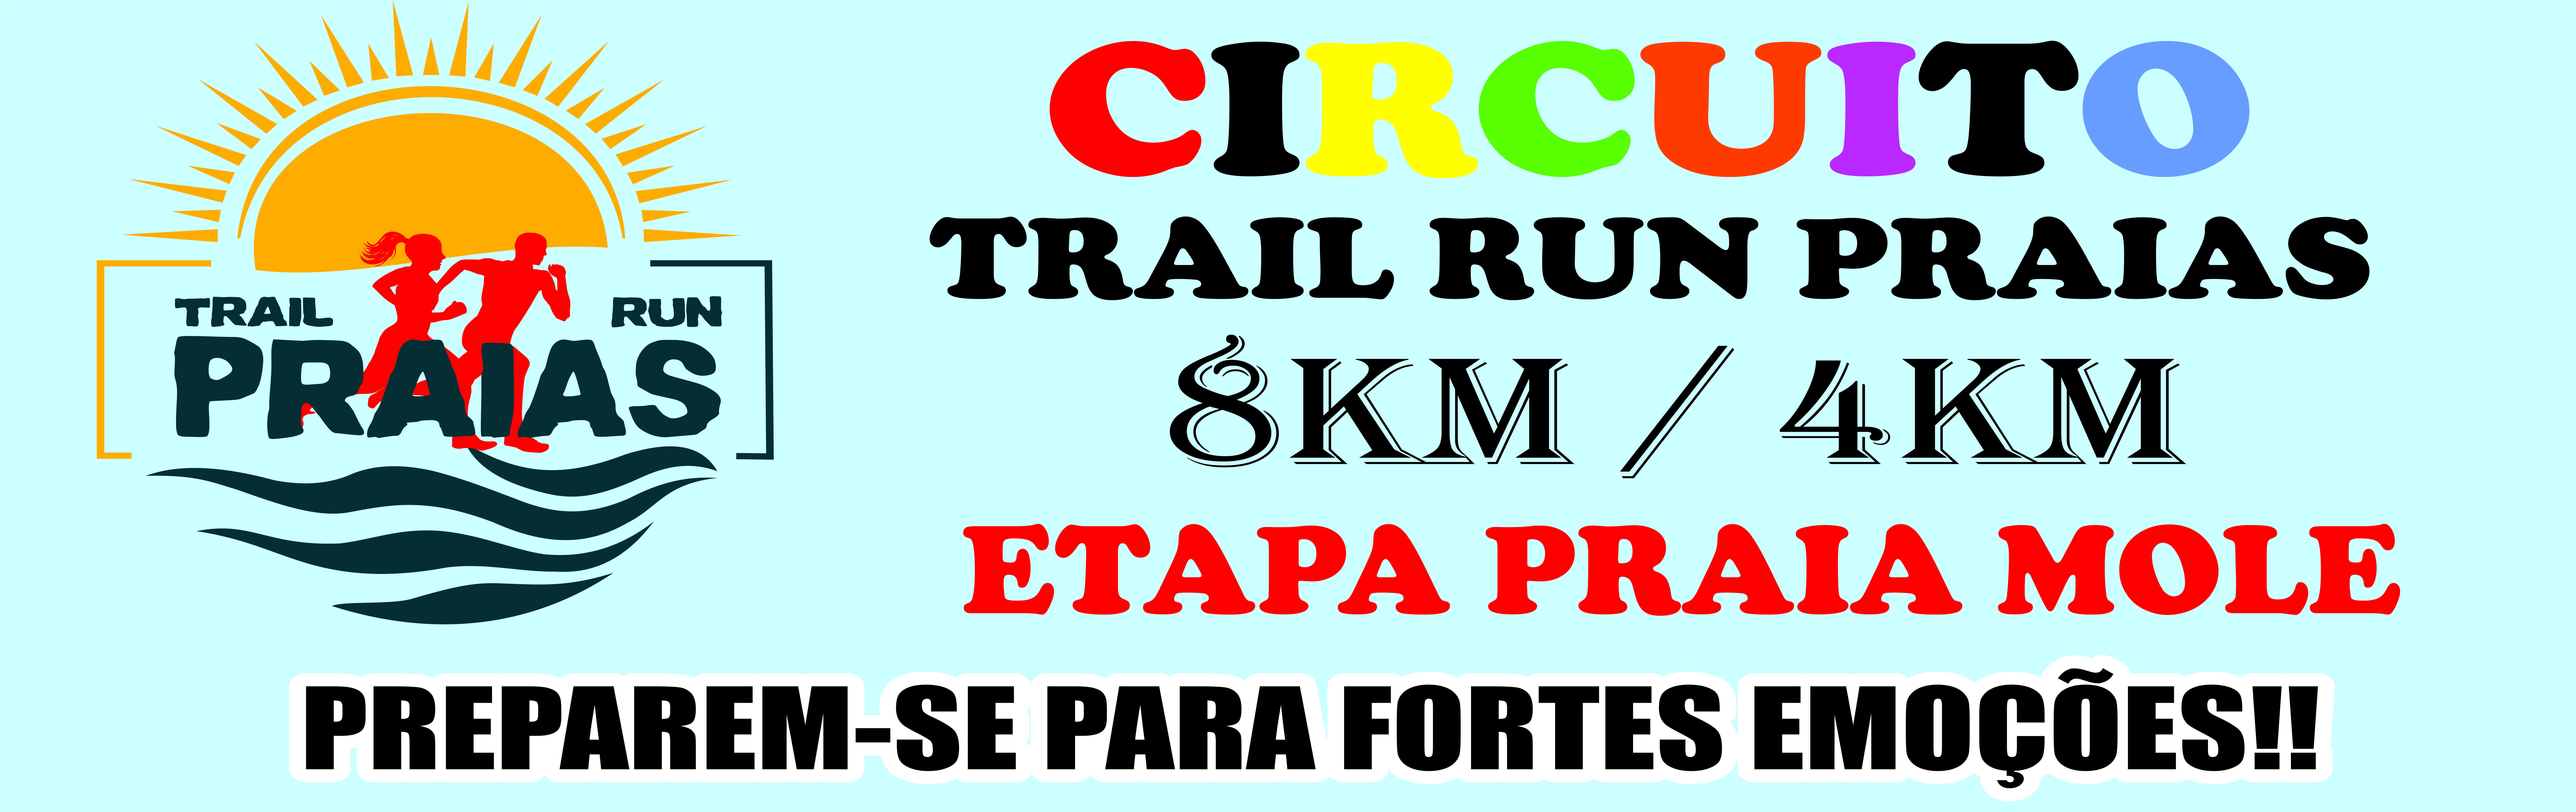 Trail Run Praias - Etapa Praia Mole